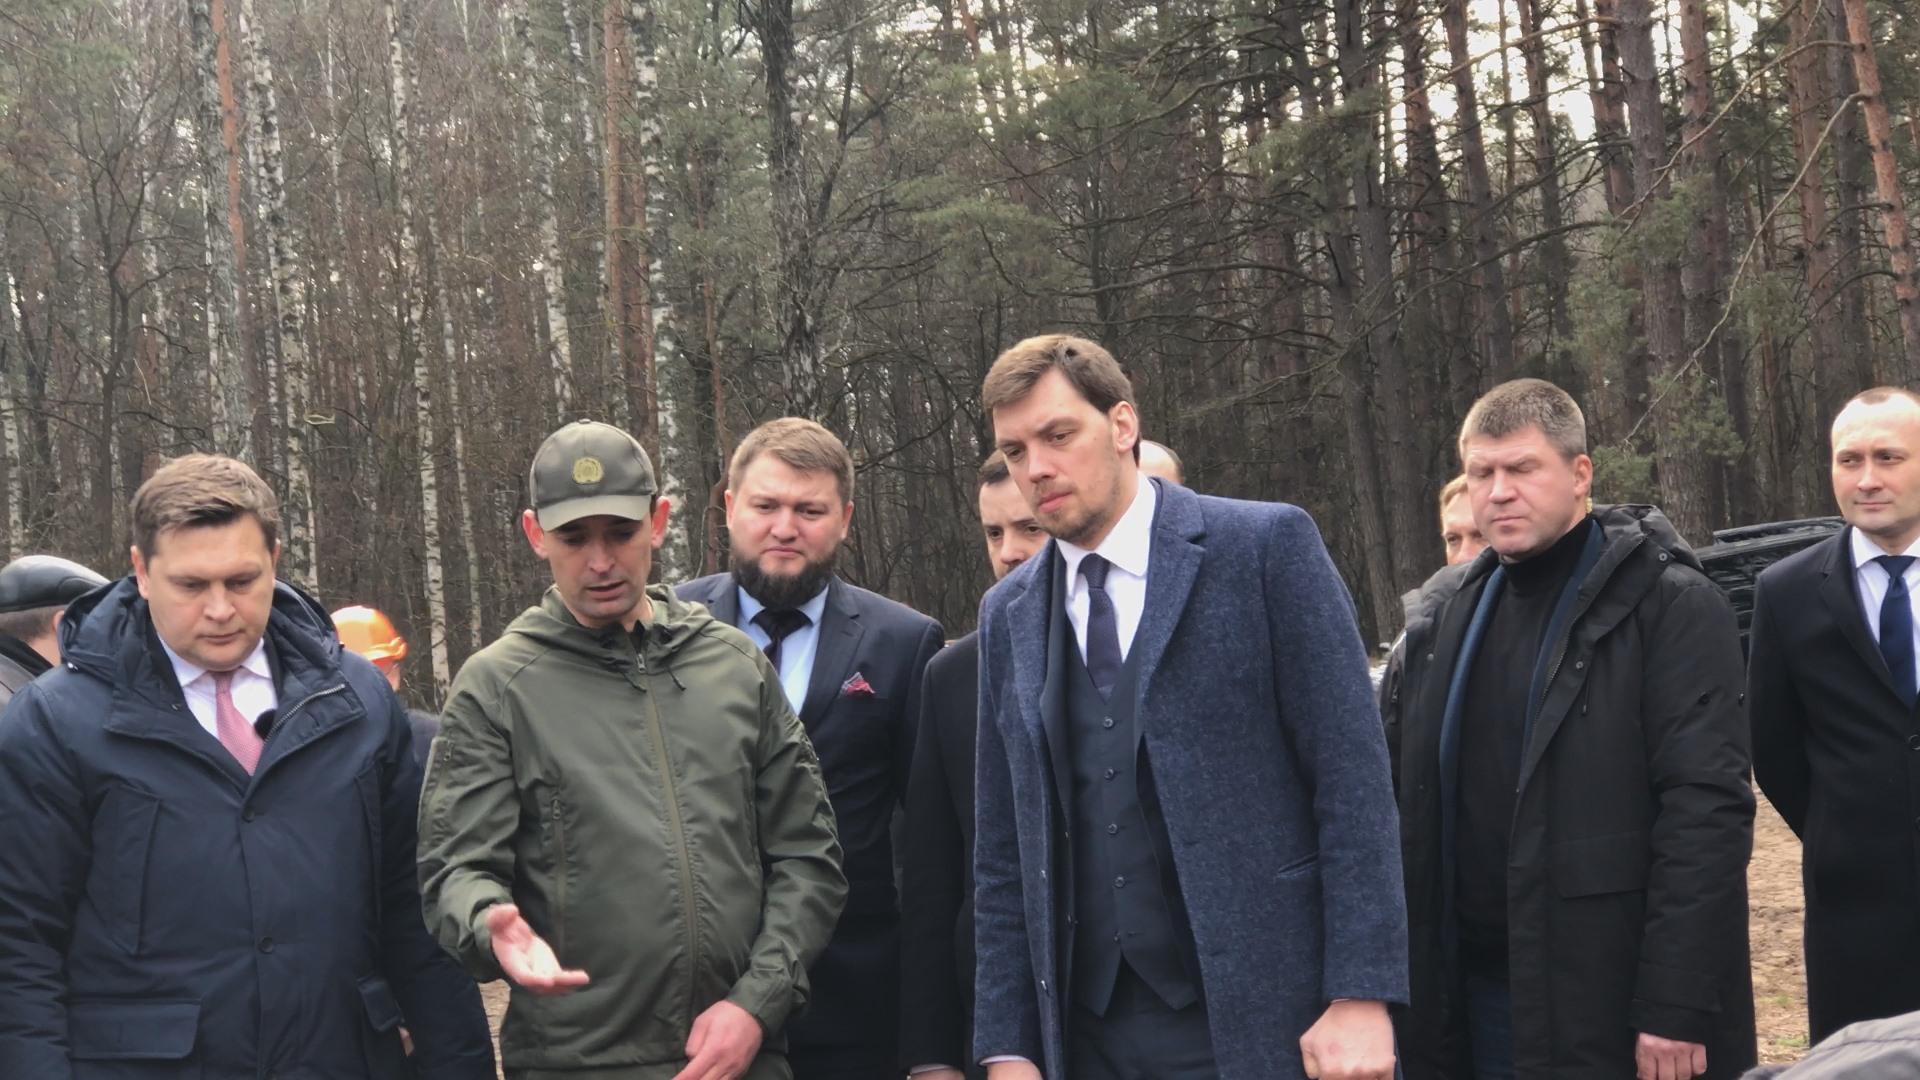 Прем'єр побував на Чернігівщині: подробиці візиту Олексія Гончарука (Фото, Відео)